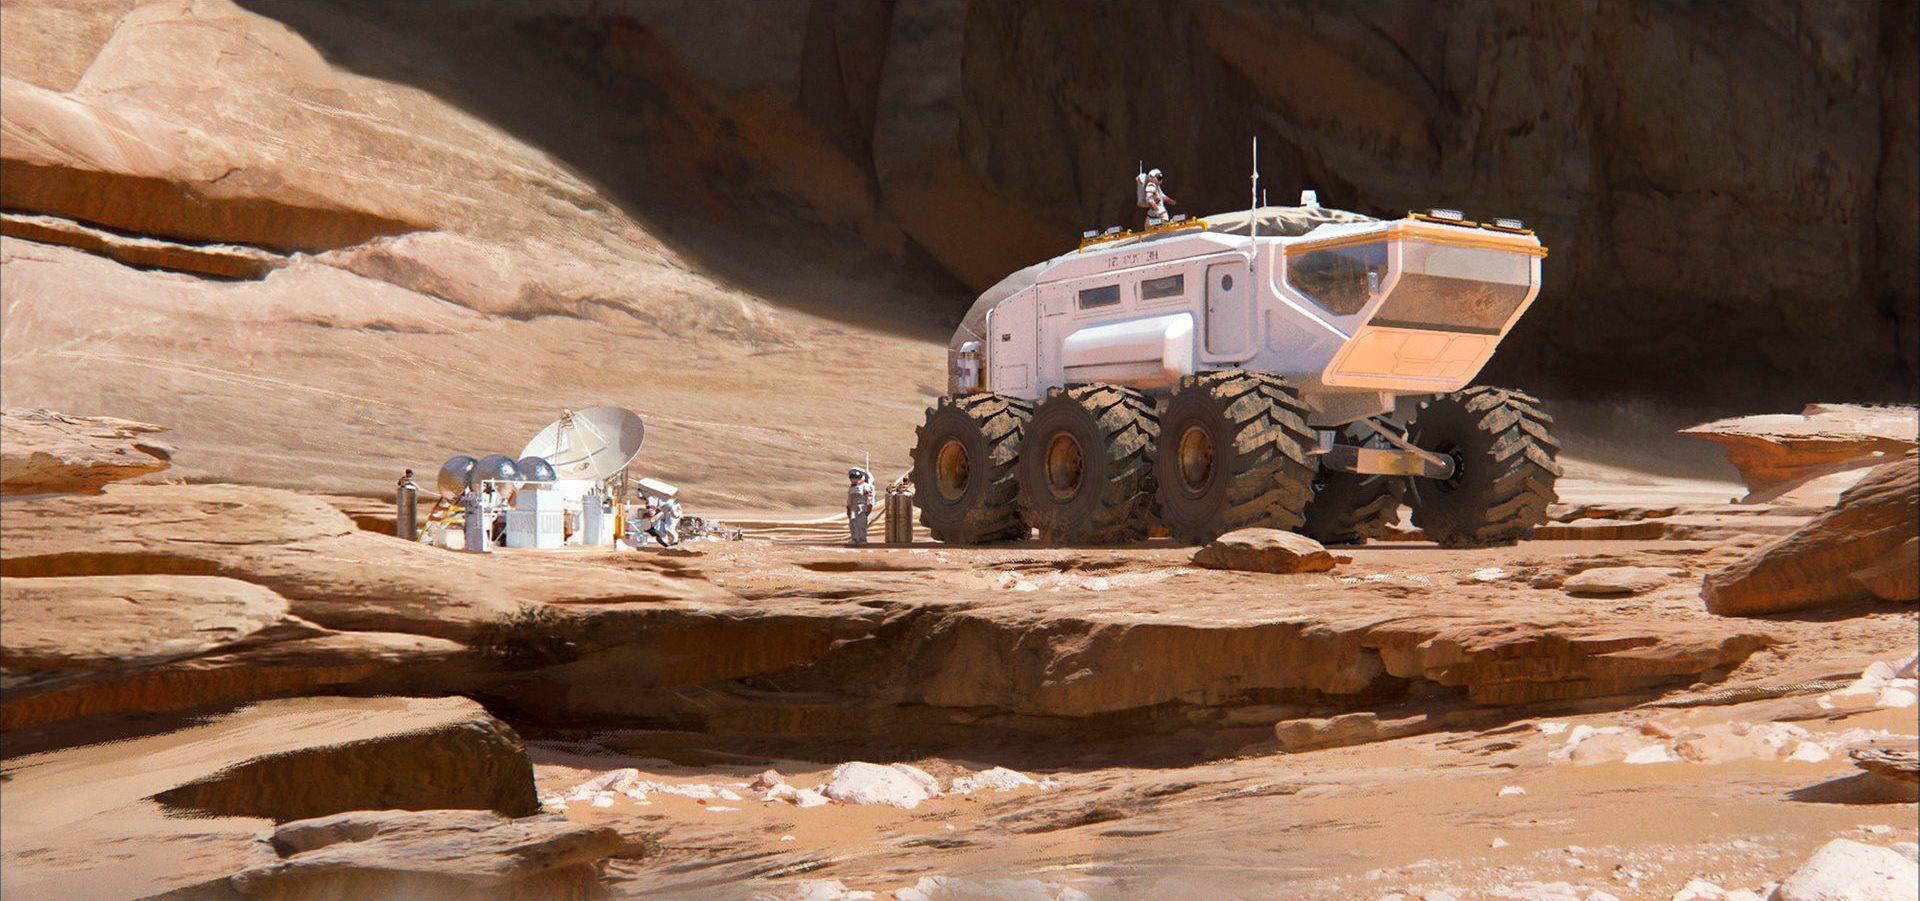 mars rover landing - HD1920×901